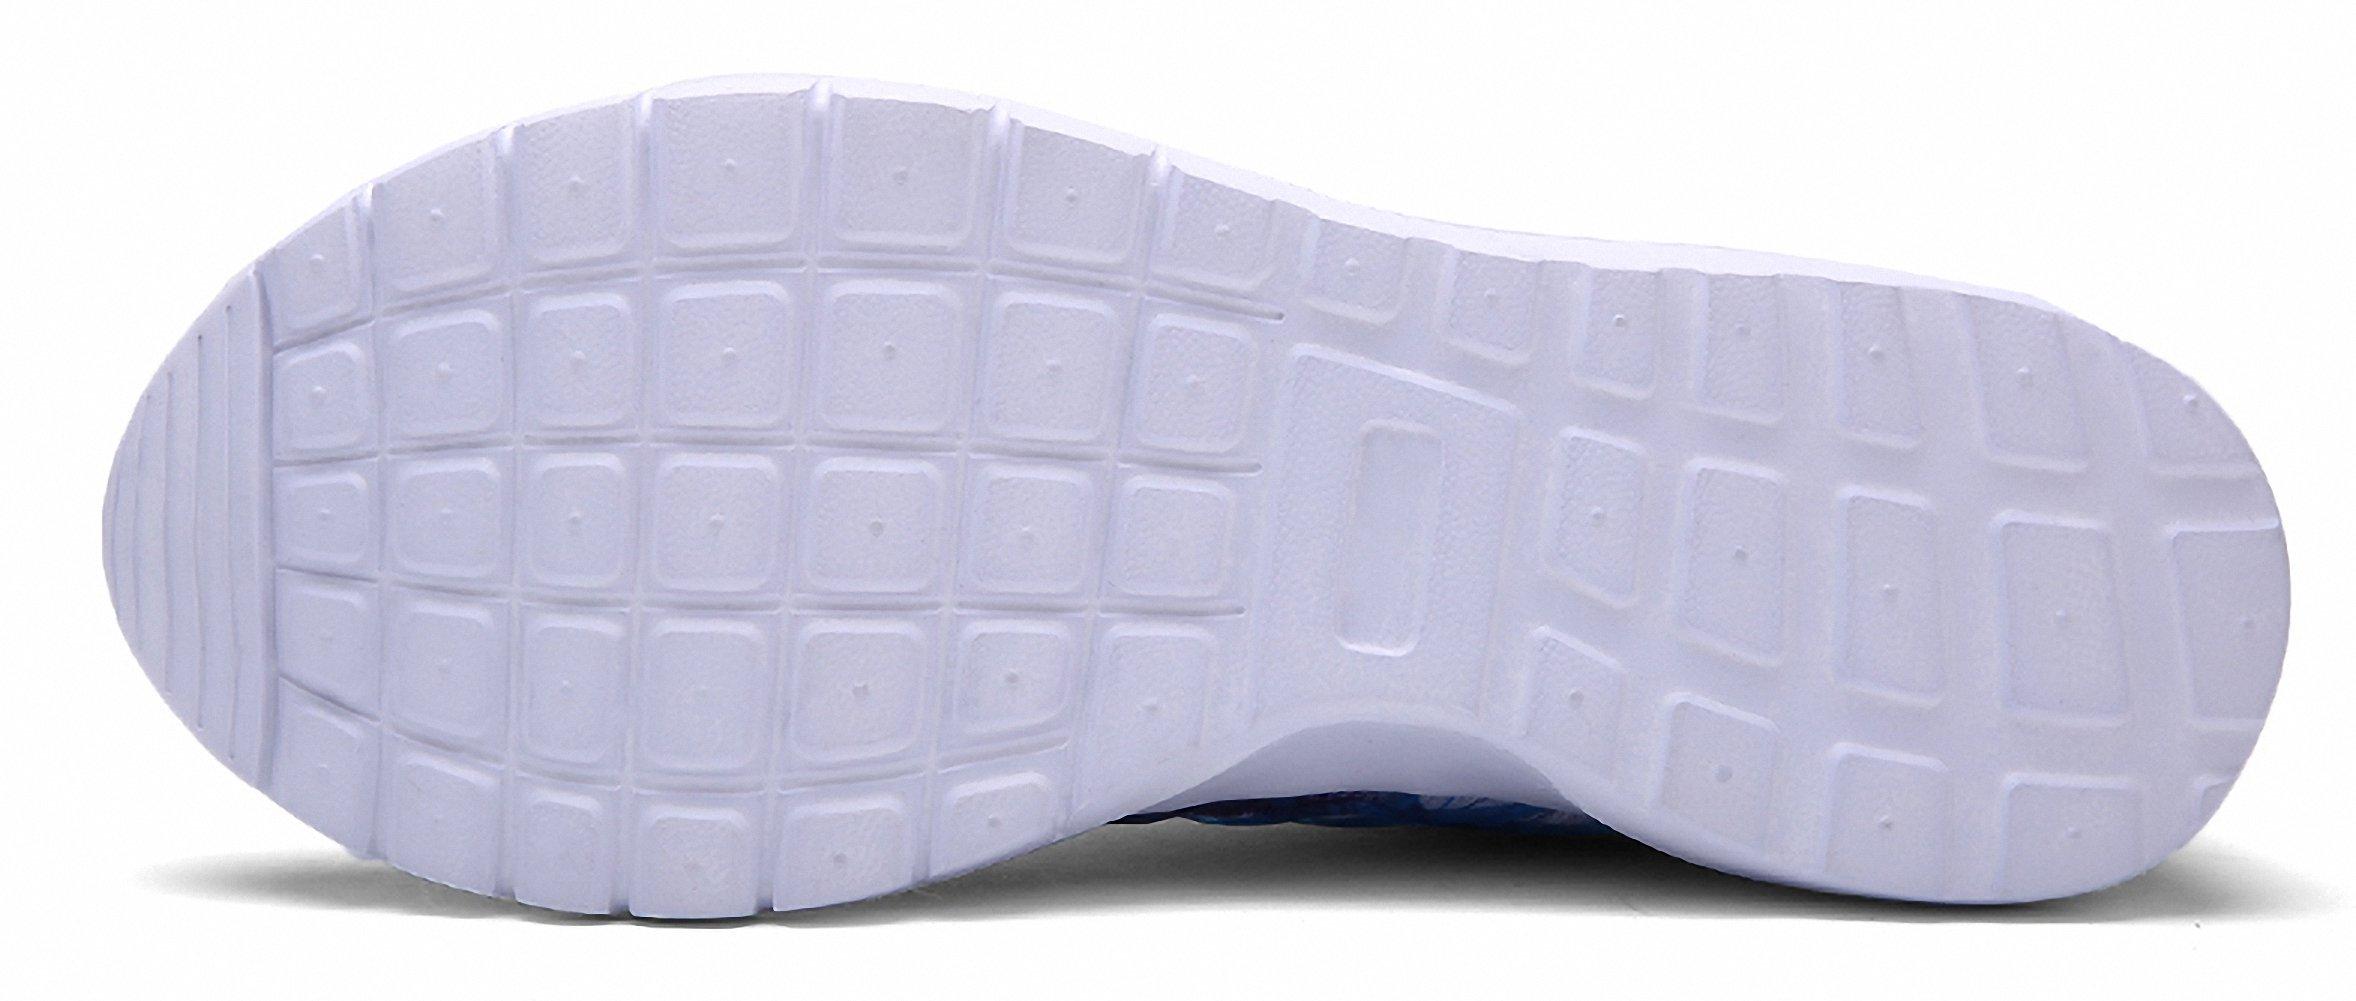 ZHENZHONG Women's Cool Fashion Sneakers Running Sport Shoes Blue for Walking Jogging by ZHENZHONG (Image #5)